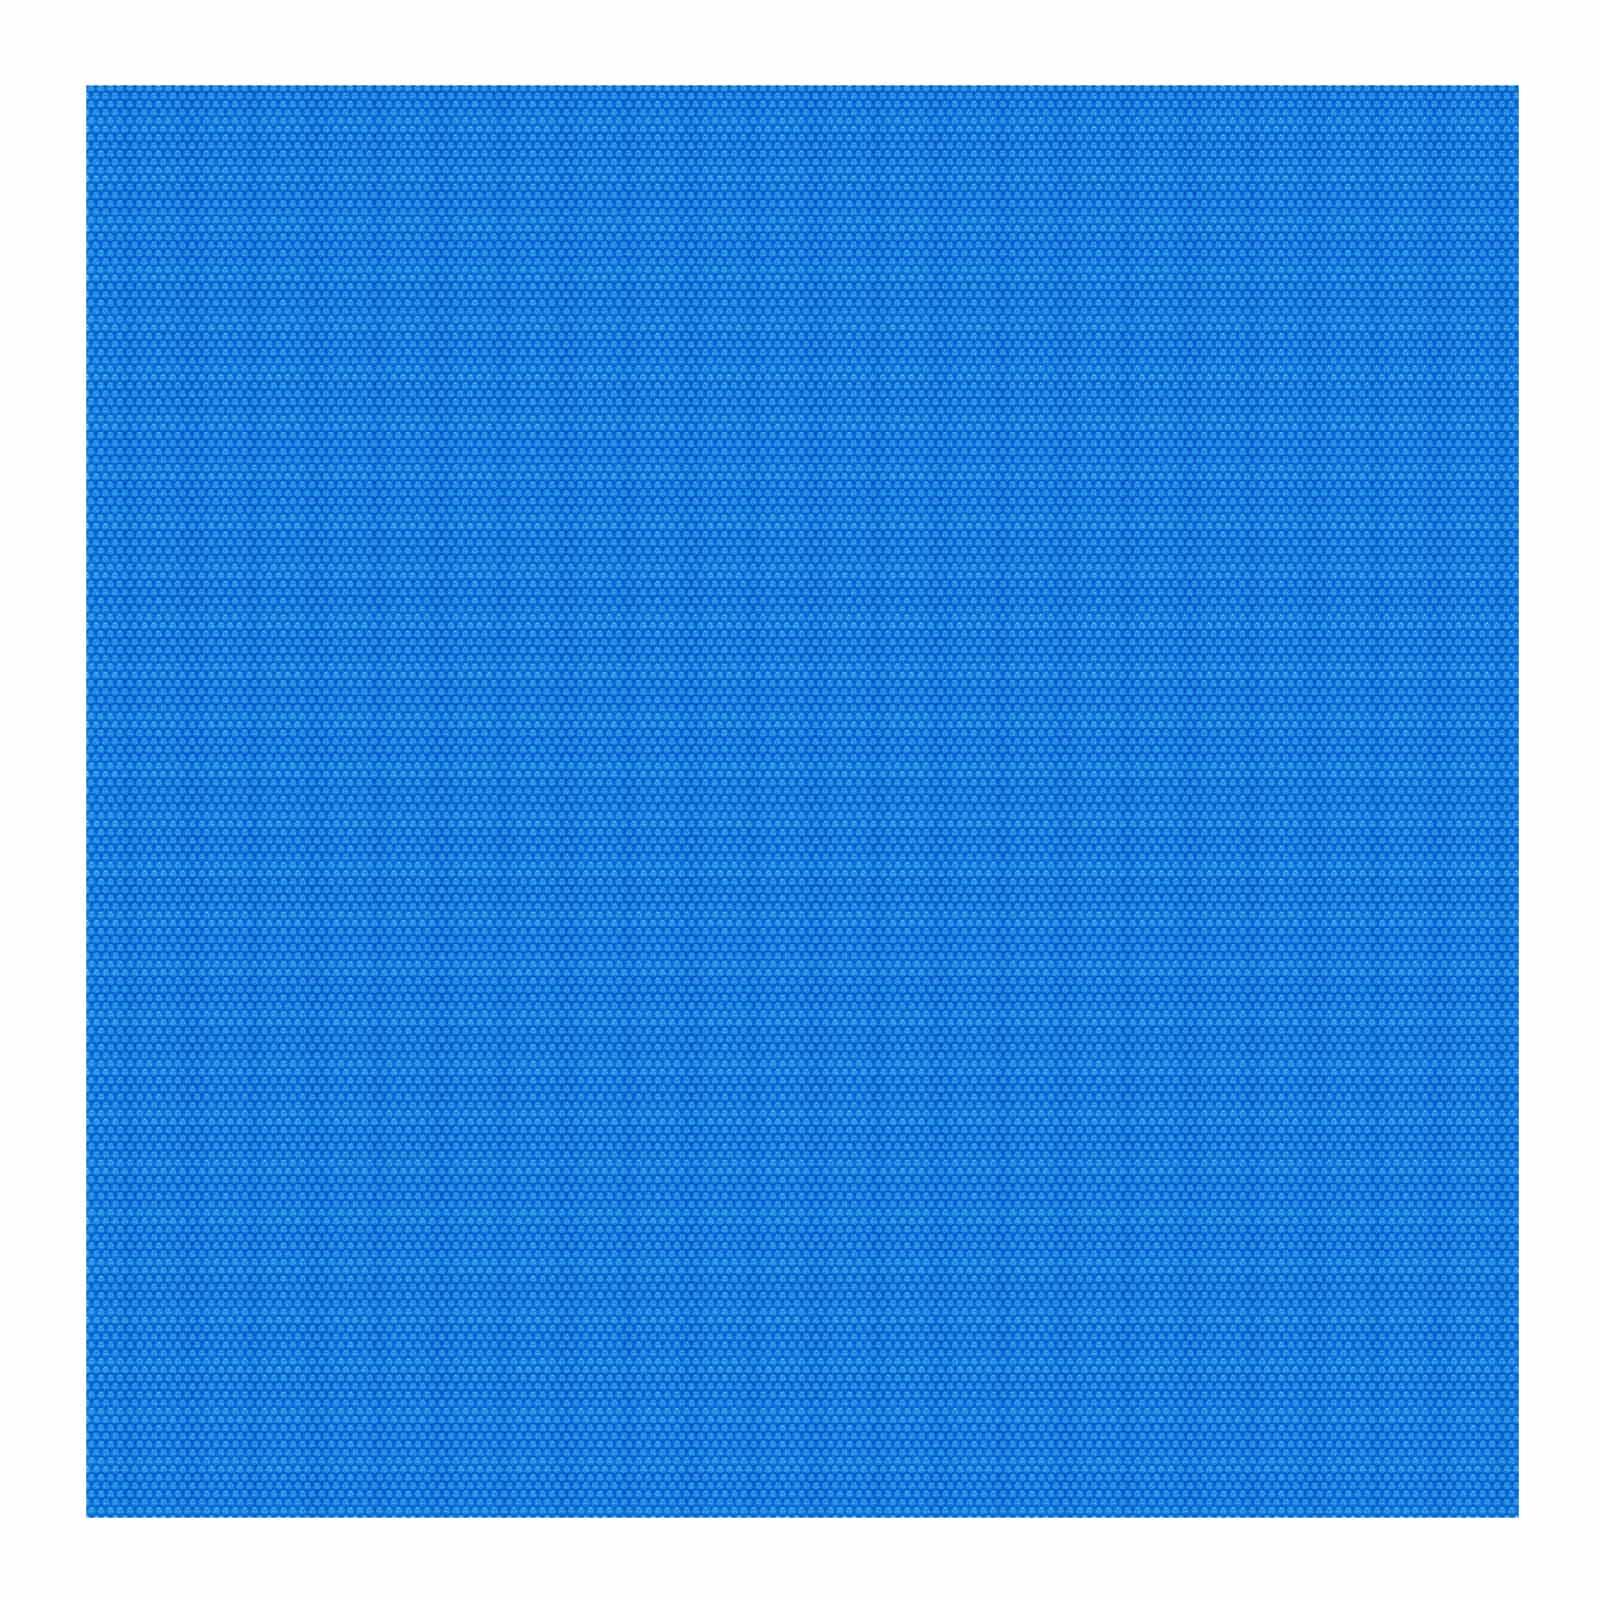 Détails Sur Piscine Feuille Solaire 4X6M Bleu Couverture De Piscine Bâche  Solaire Chauffage tout Bache Chauffante Piscine Intex